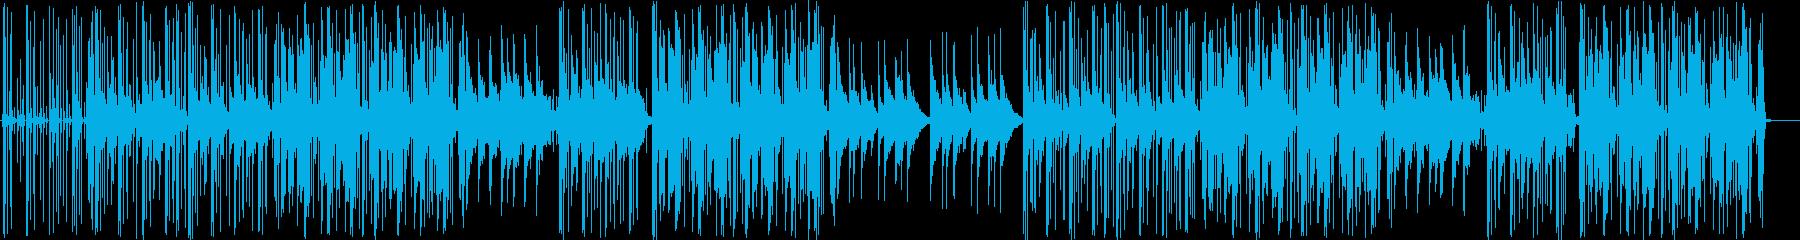 重厚感 ローファイ チルアウトの再生済みの波形